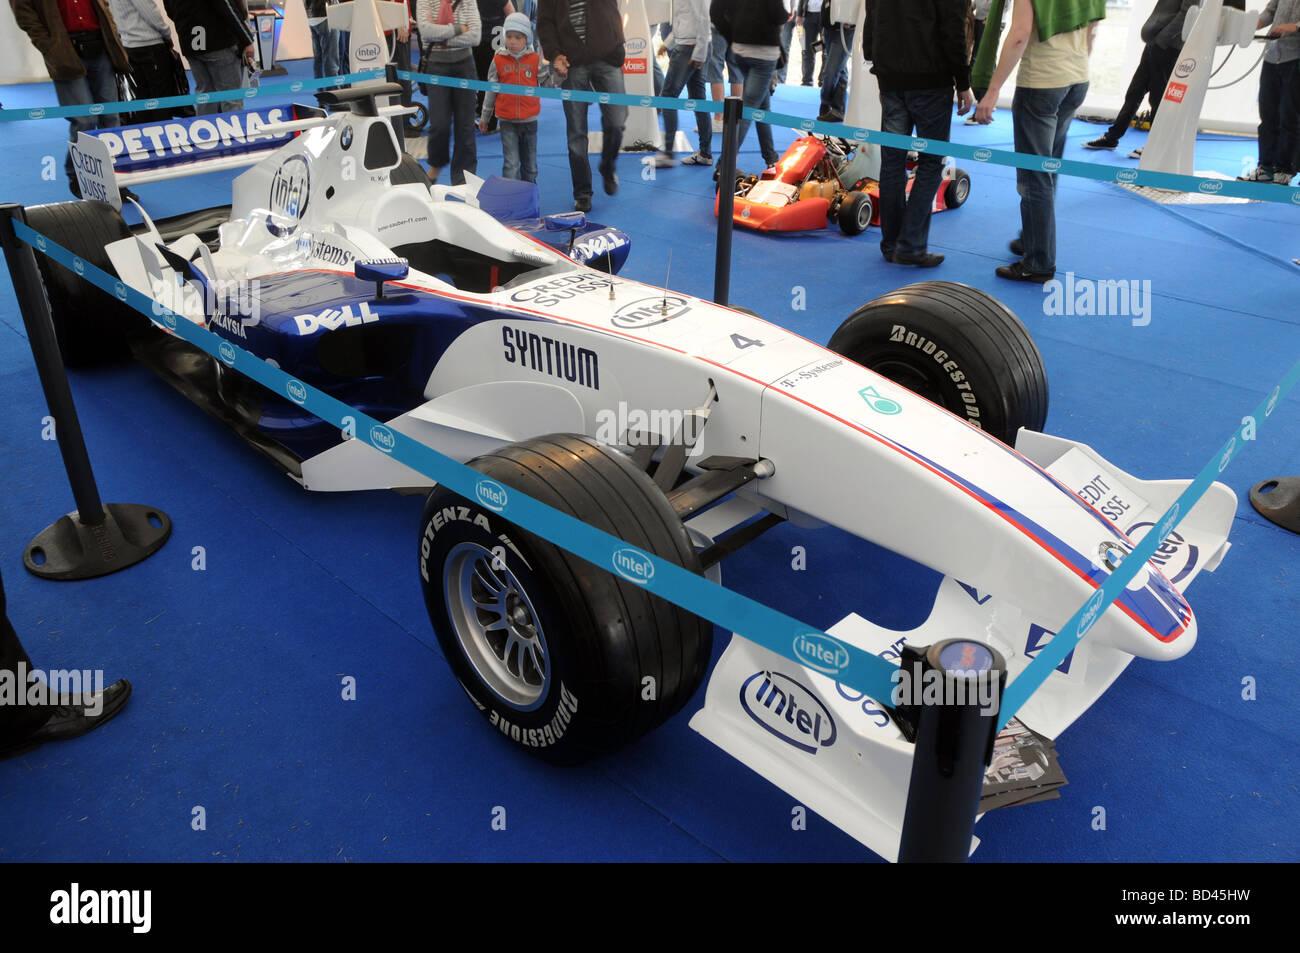 BMW Sauber polish driver's Robert Kubica Formula 1 race car - Stock Image